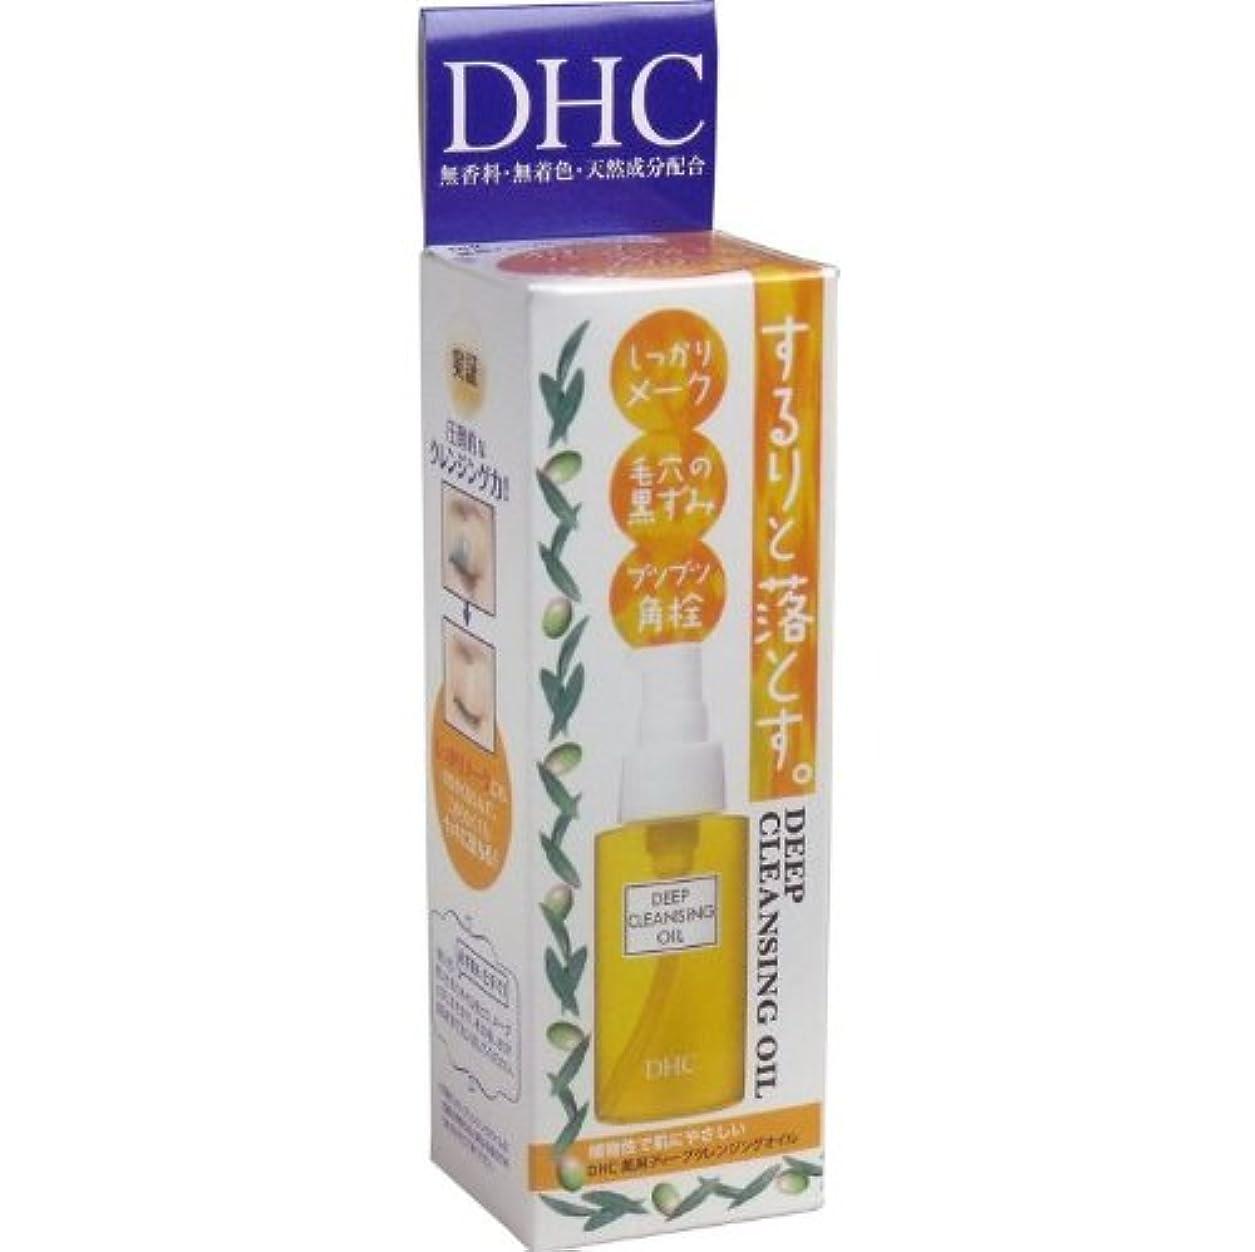 インド不一致反映するDHC 薬用ディープクレンジングオイル 70mL